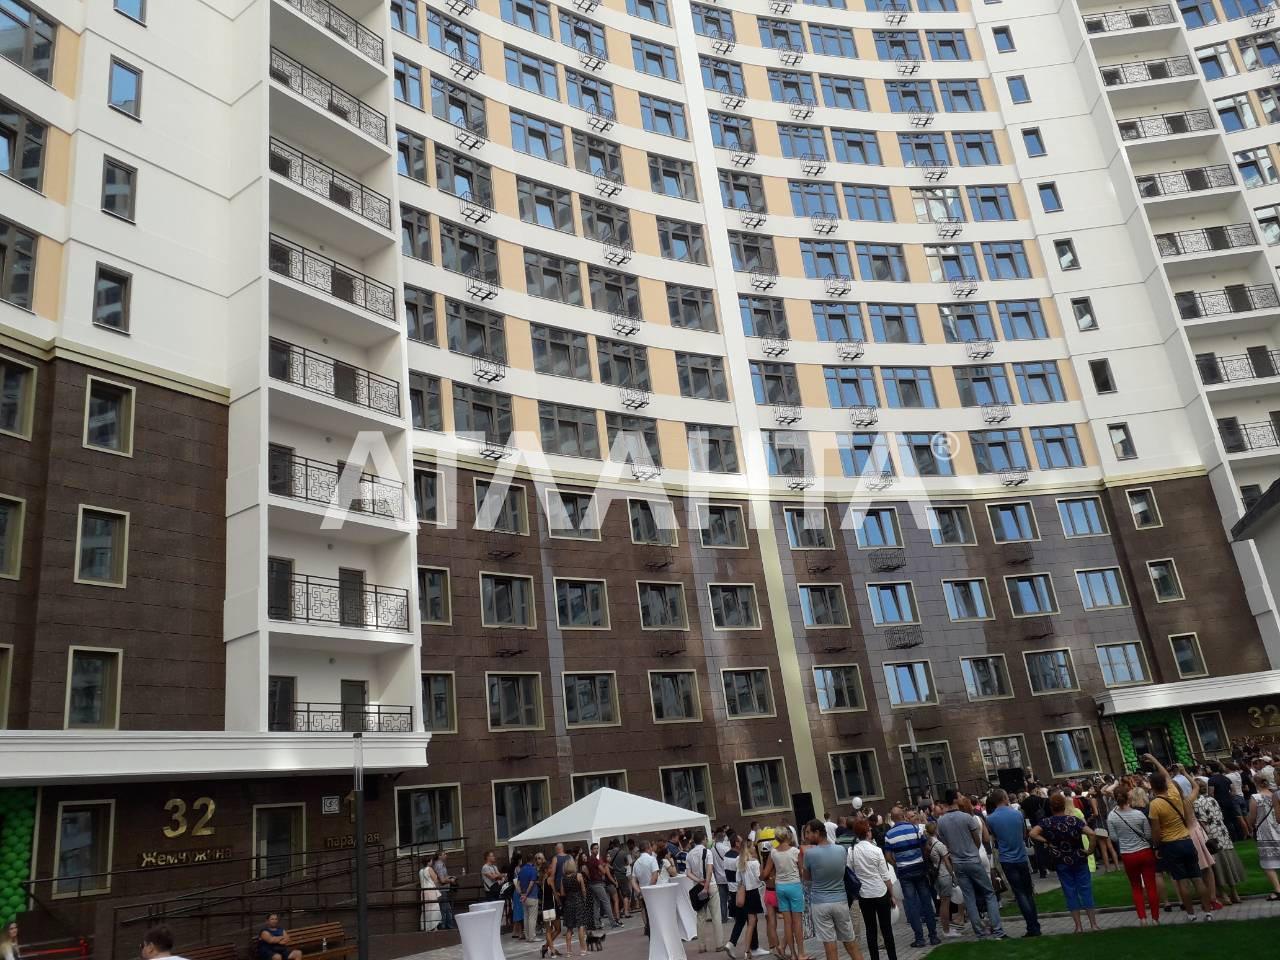 Продается 1-комнатная Квартира на ул. Каманина — 54 460 у.е. (фото №3)